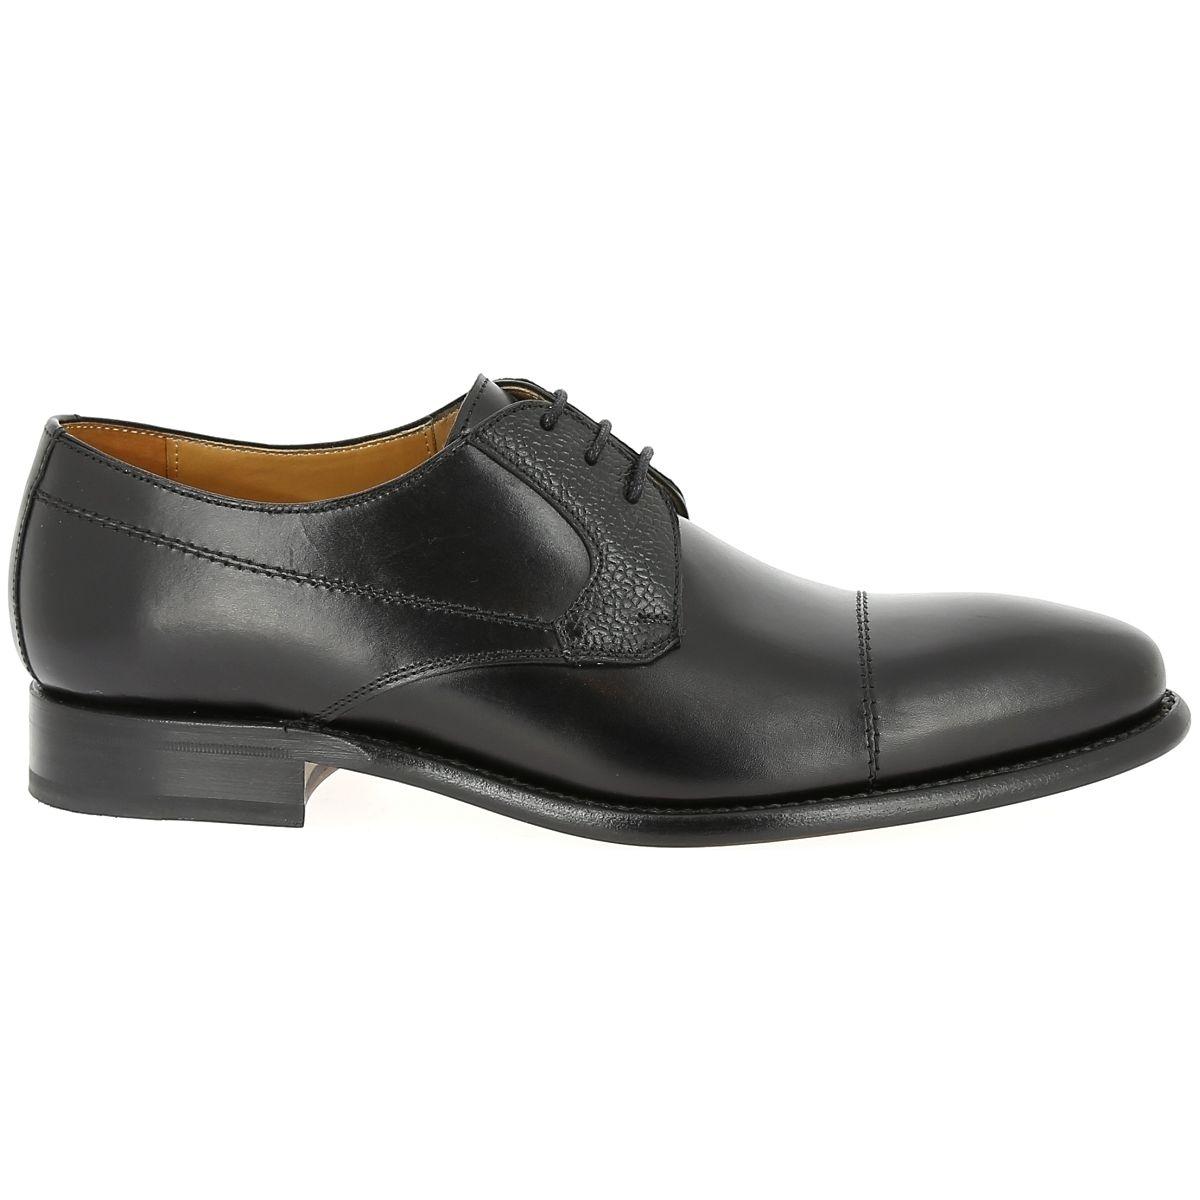 Chaussures à lacets Cuir 4117 145